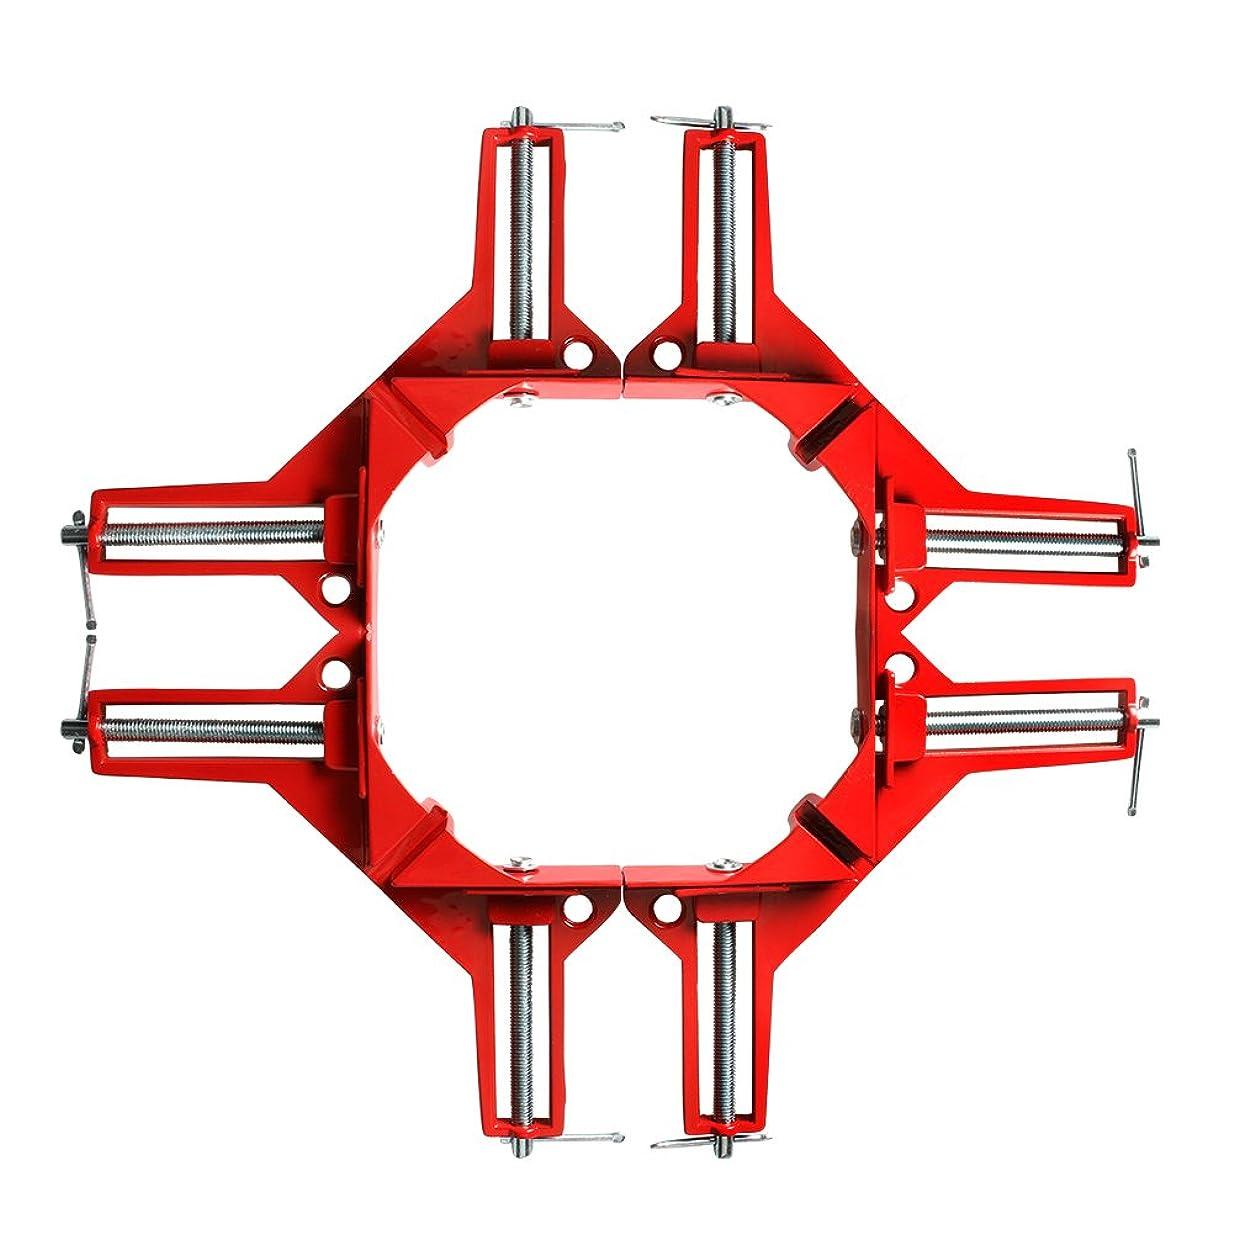 明るくする愛するアブセイコーナー クランプ 4個 セット 90° 直角 木工定規 直角定規 直角クランプ DIY 工具 クランプ (赤 4個)